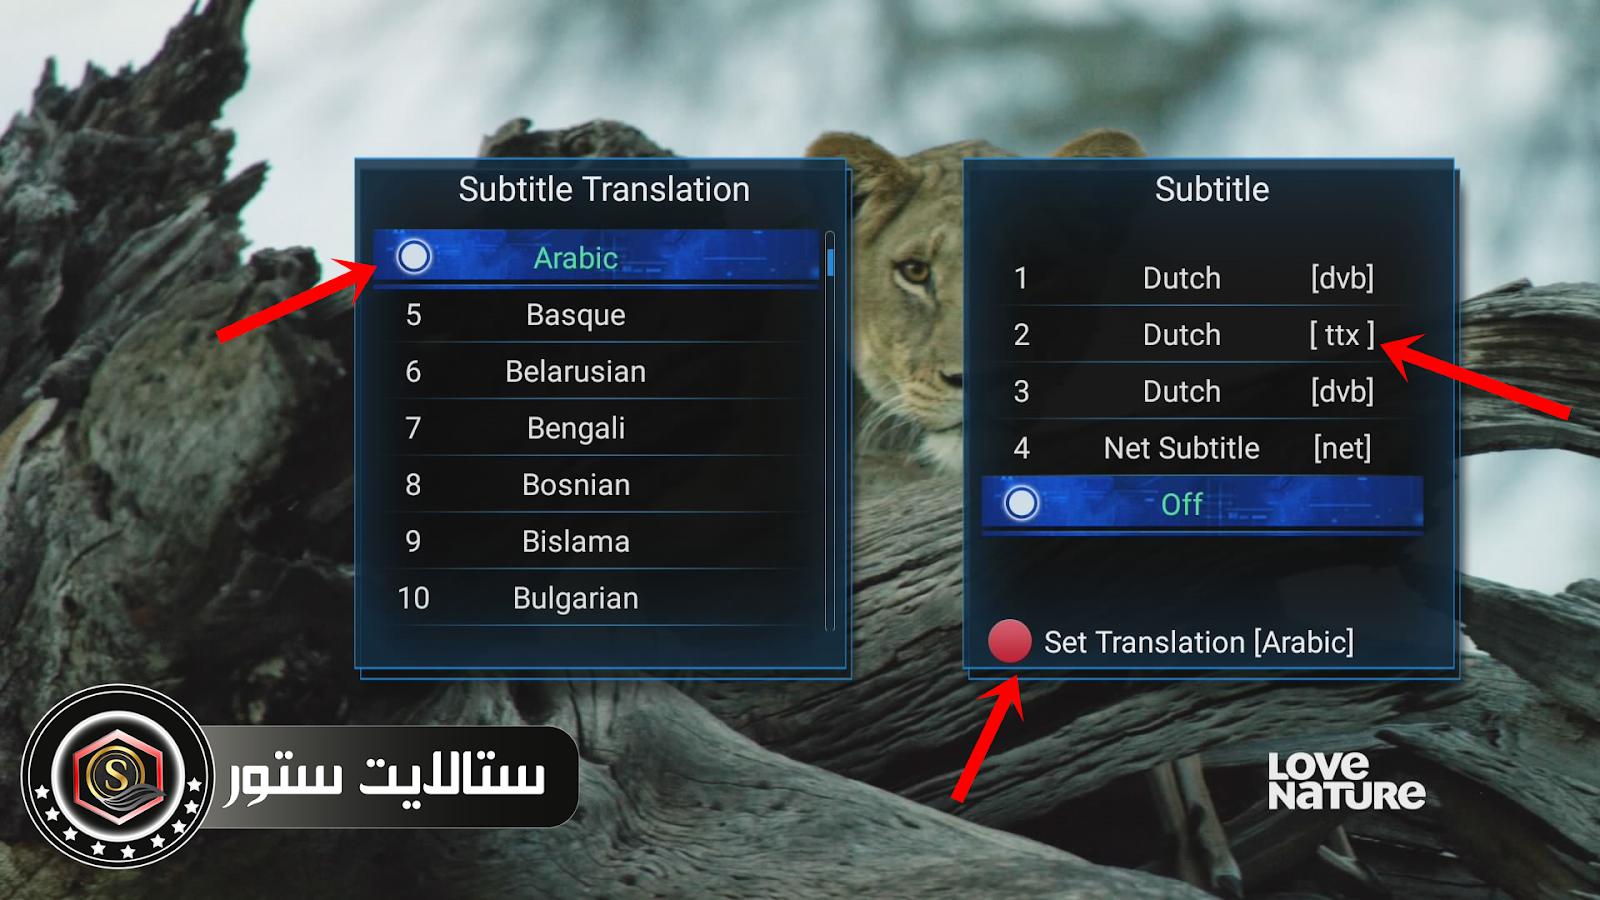 طريقة تشغيل الترجمة علي رسيفرات الشيرنج - ترجمة القنوات الأجنبية